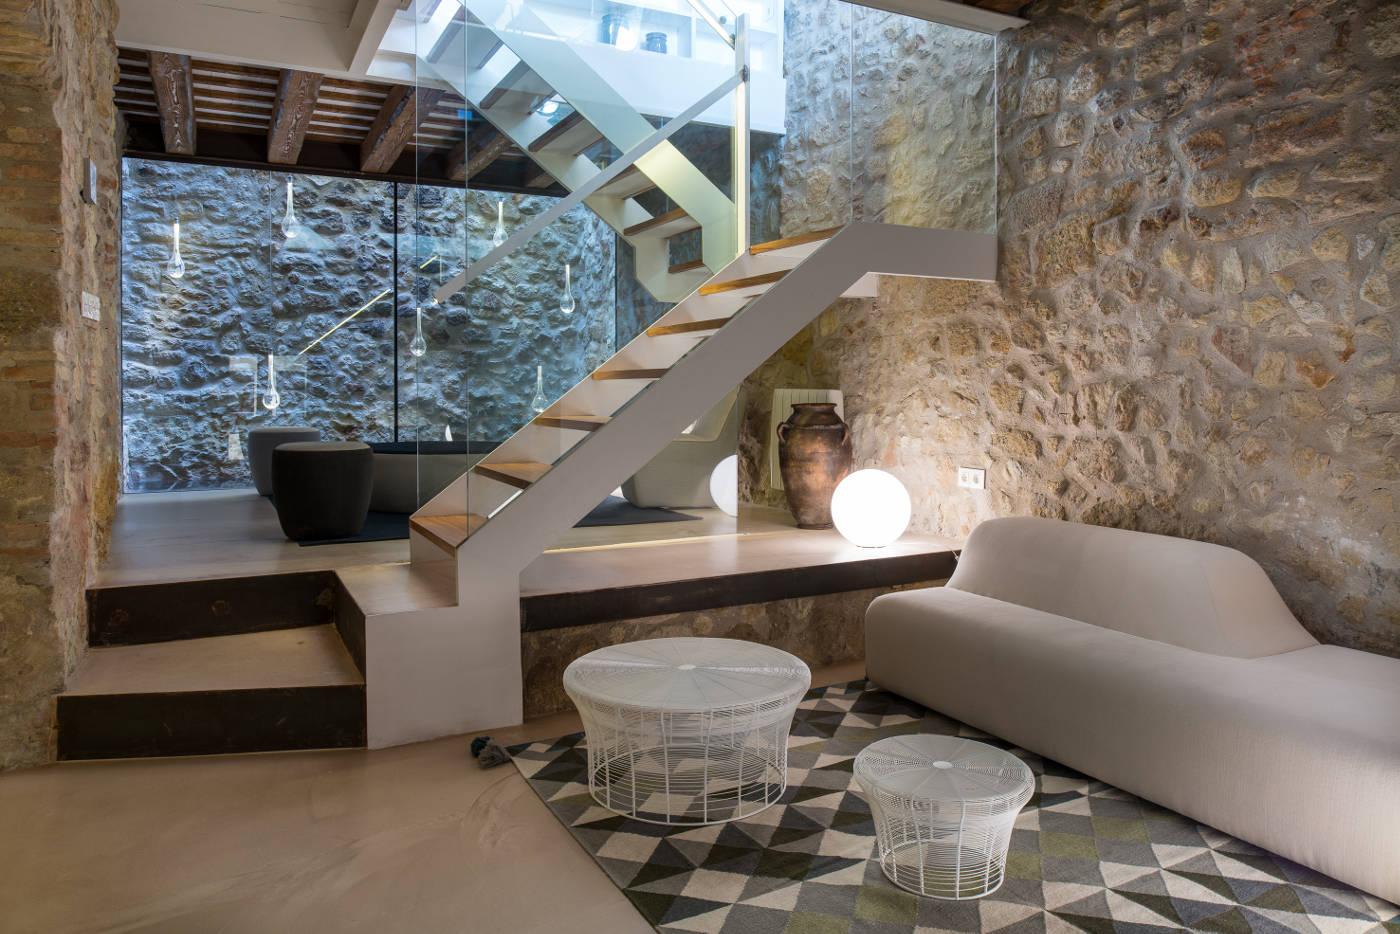 Interiorismo casas de pueblo gloria duran estudio de for Como reformar una casa de pueblo